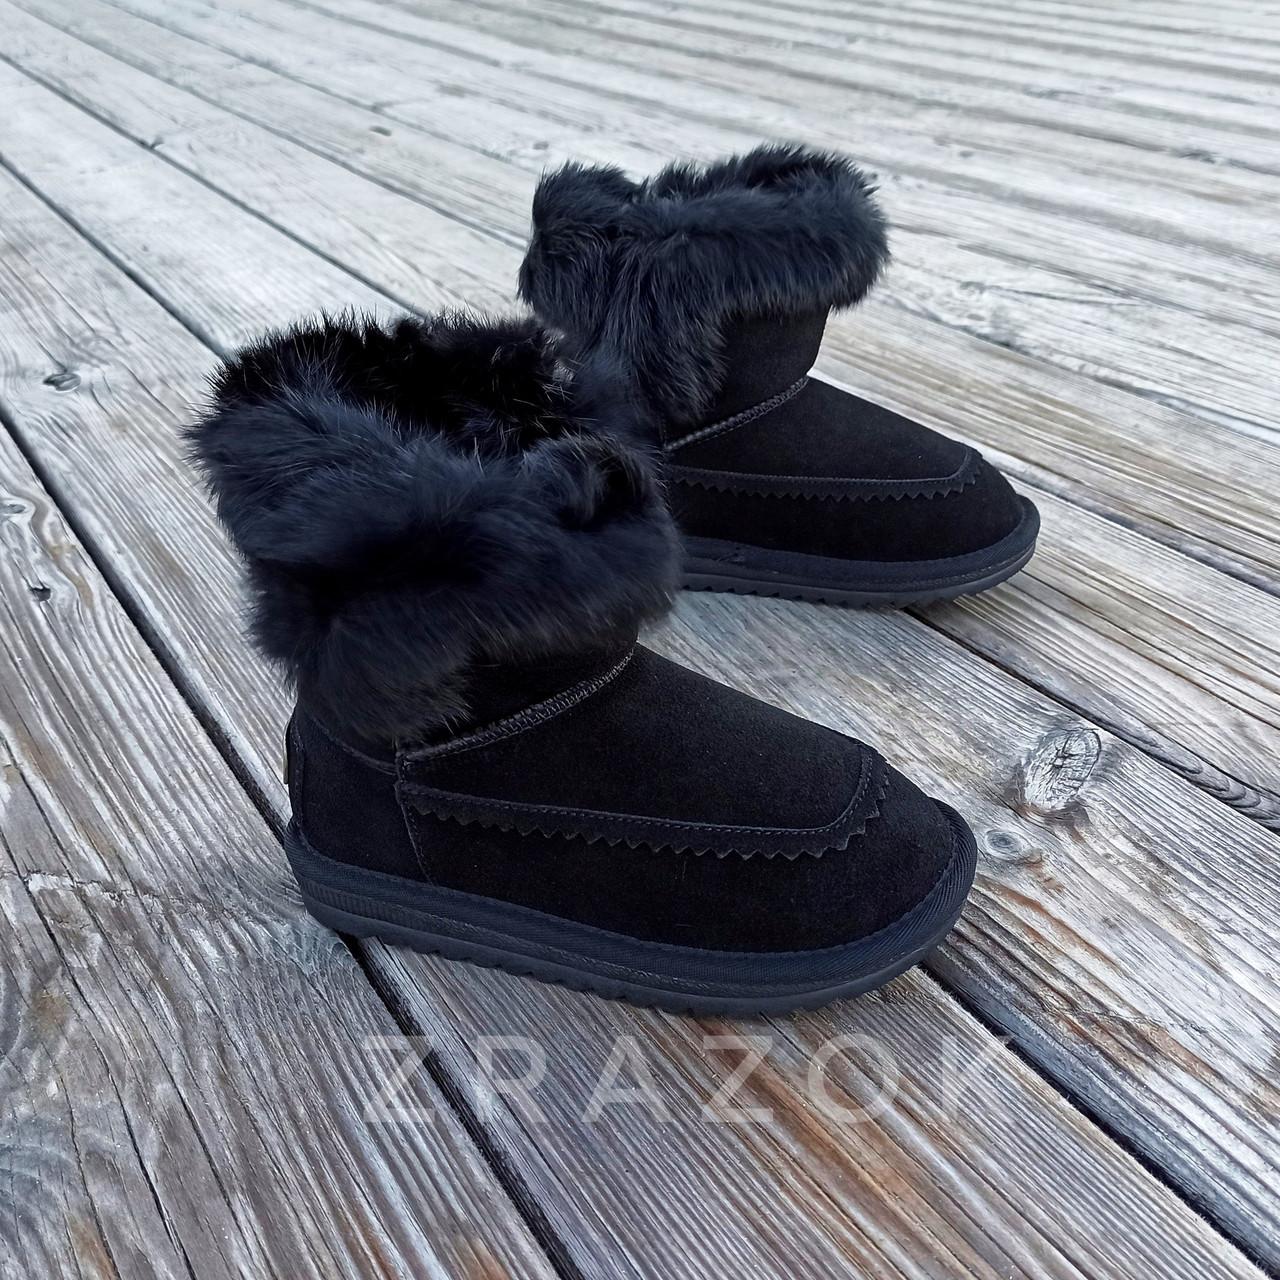 Натуральная замша угги детские черные ботинки сапожки уггі дитячі для мальчика для девочки